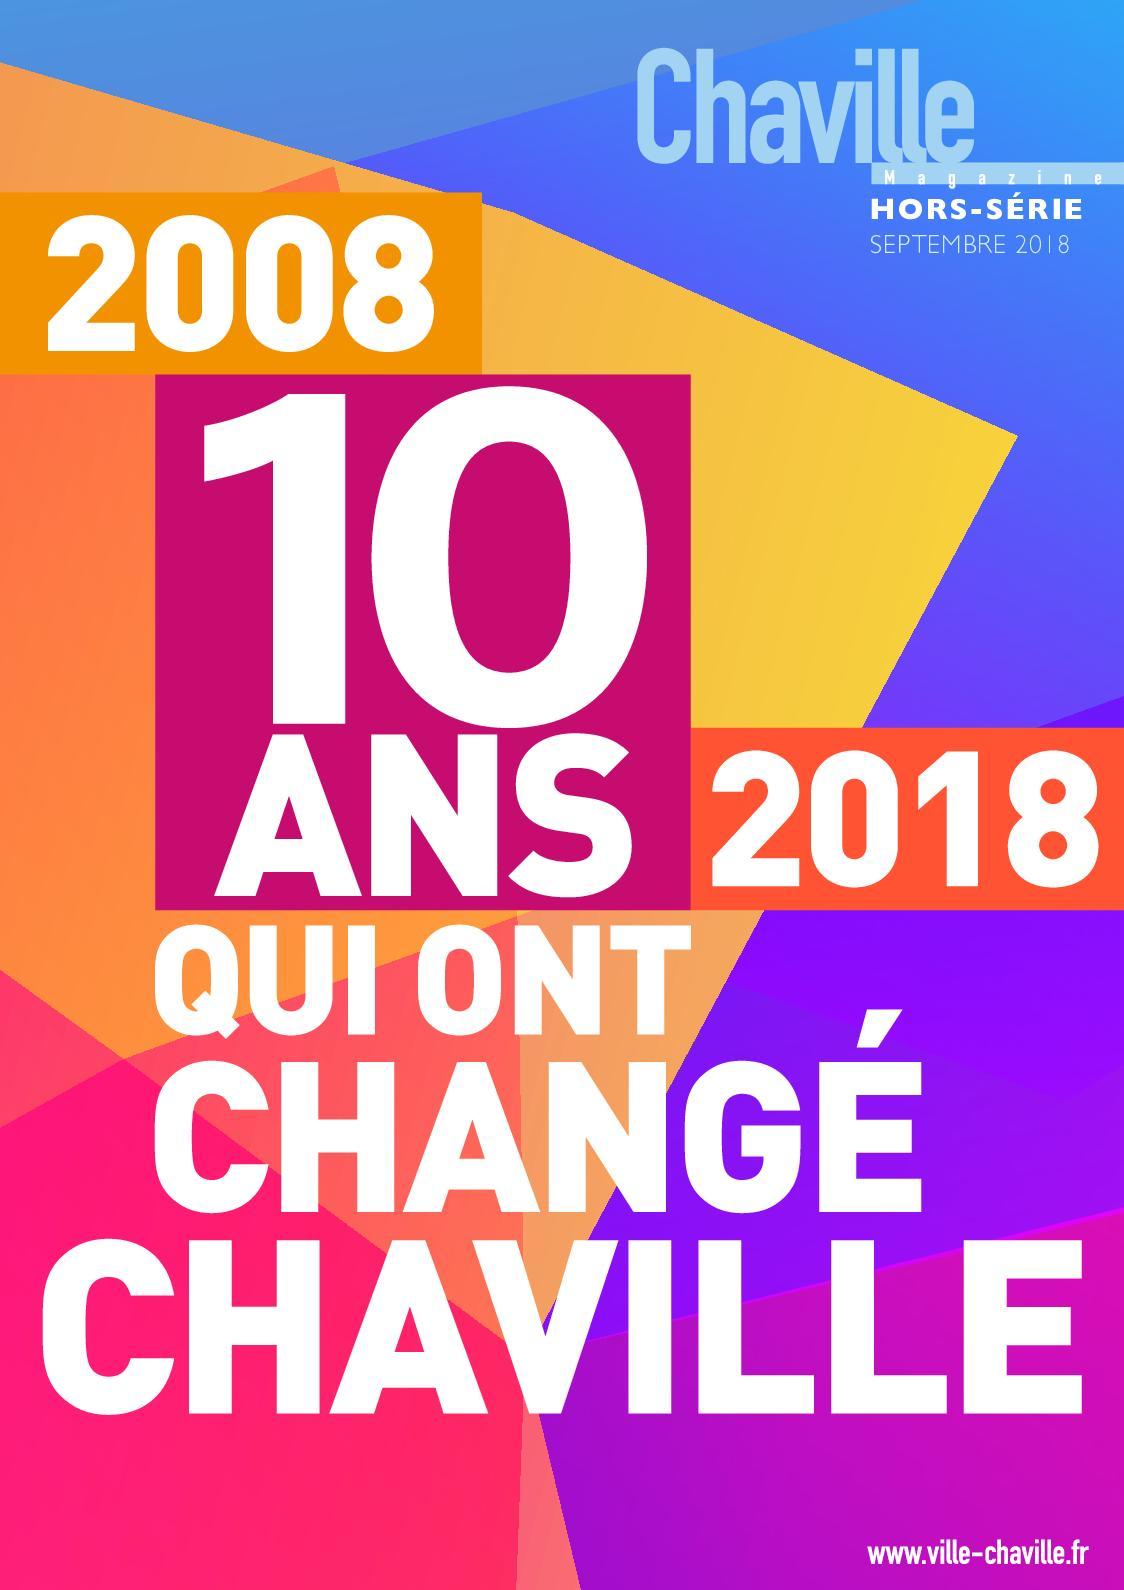 Les Sens Du Bien Etre Chaville calaméo - 2008-2018 : 10 ans qui ont changé chaville